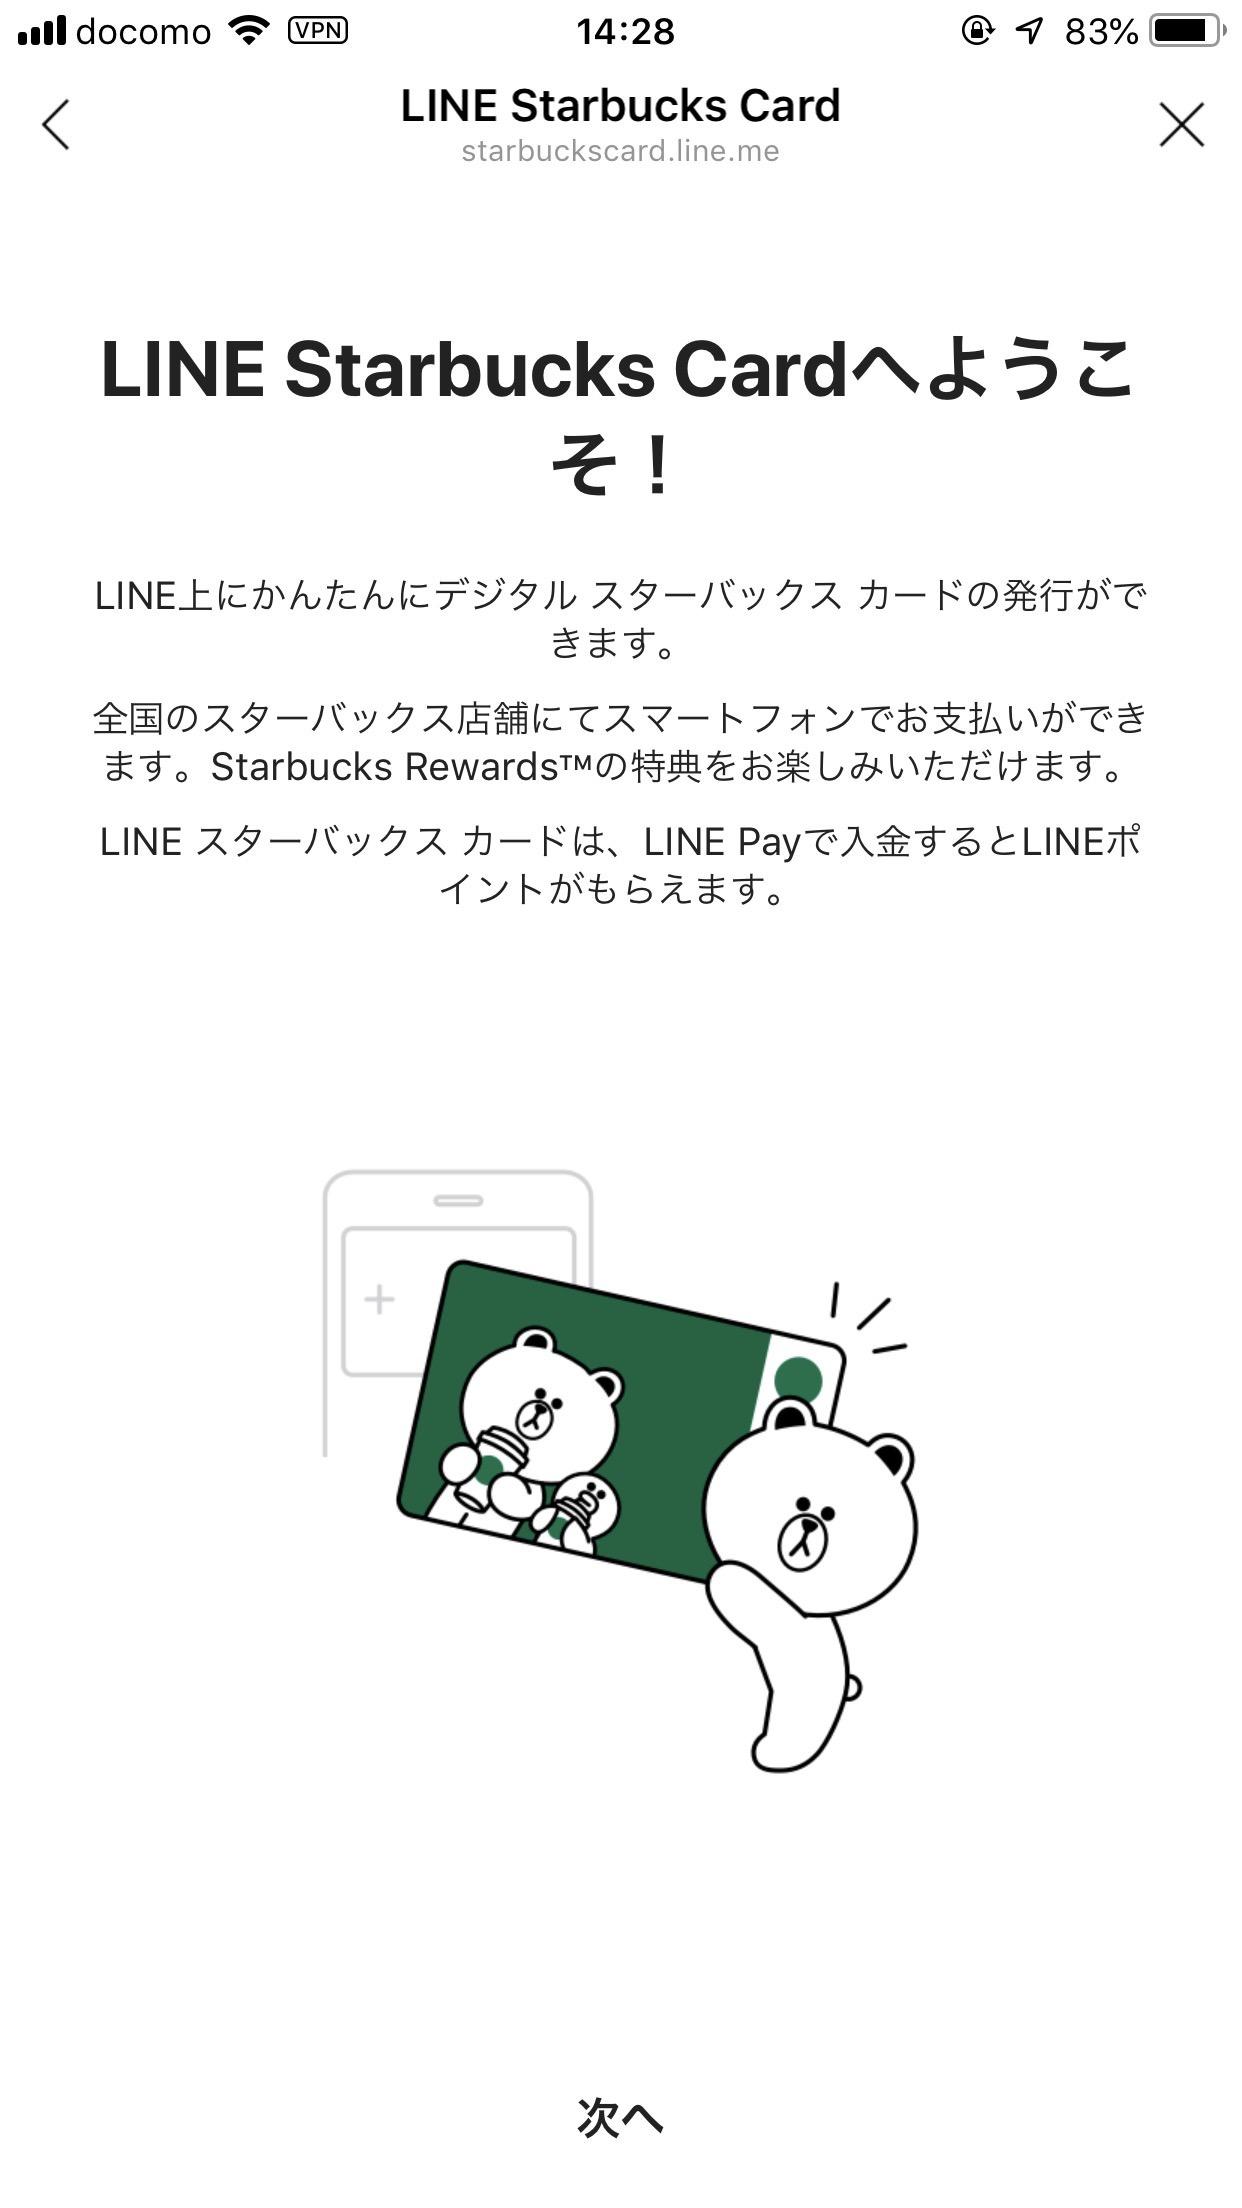 LINEスターバックスカード 6